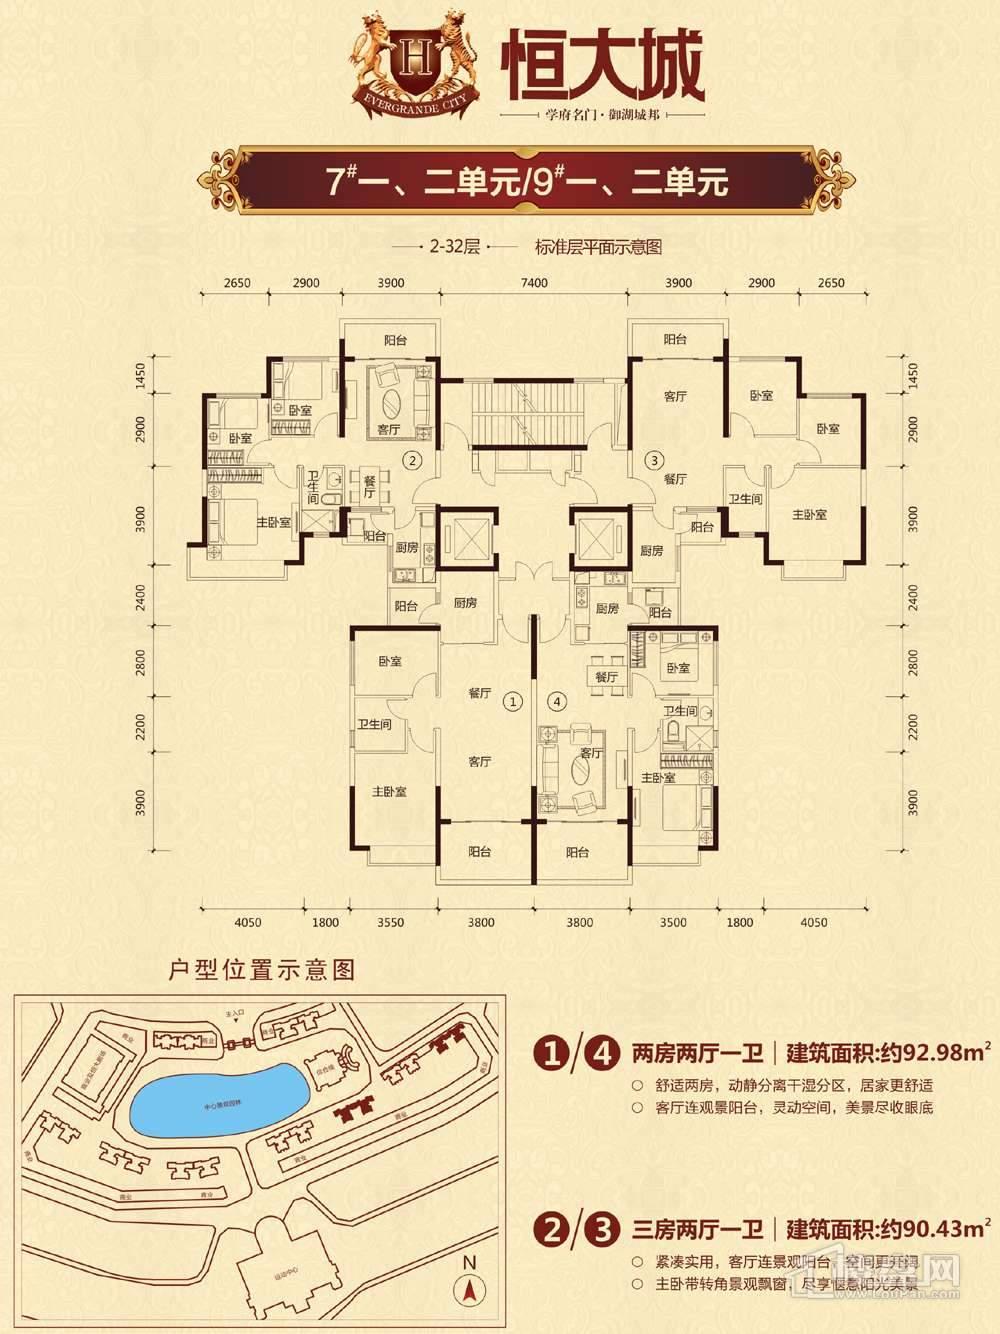 凯里恒大城7、9号楼一、二单元户型图